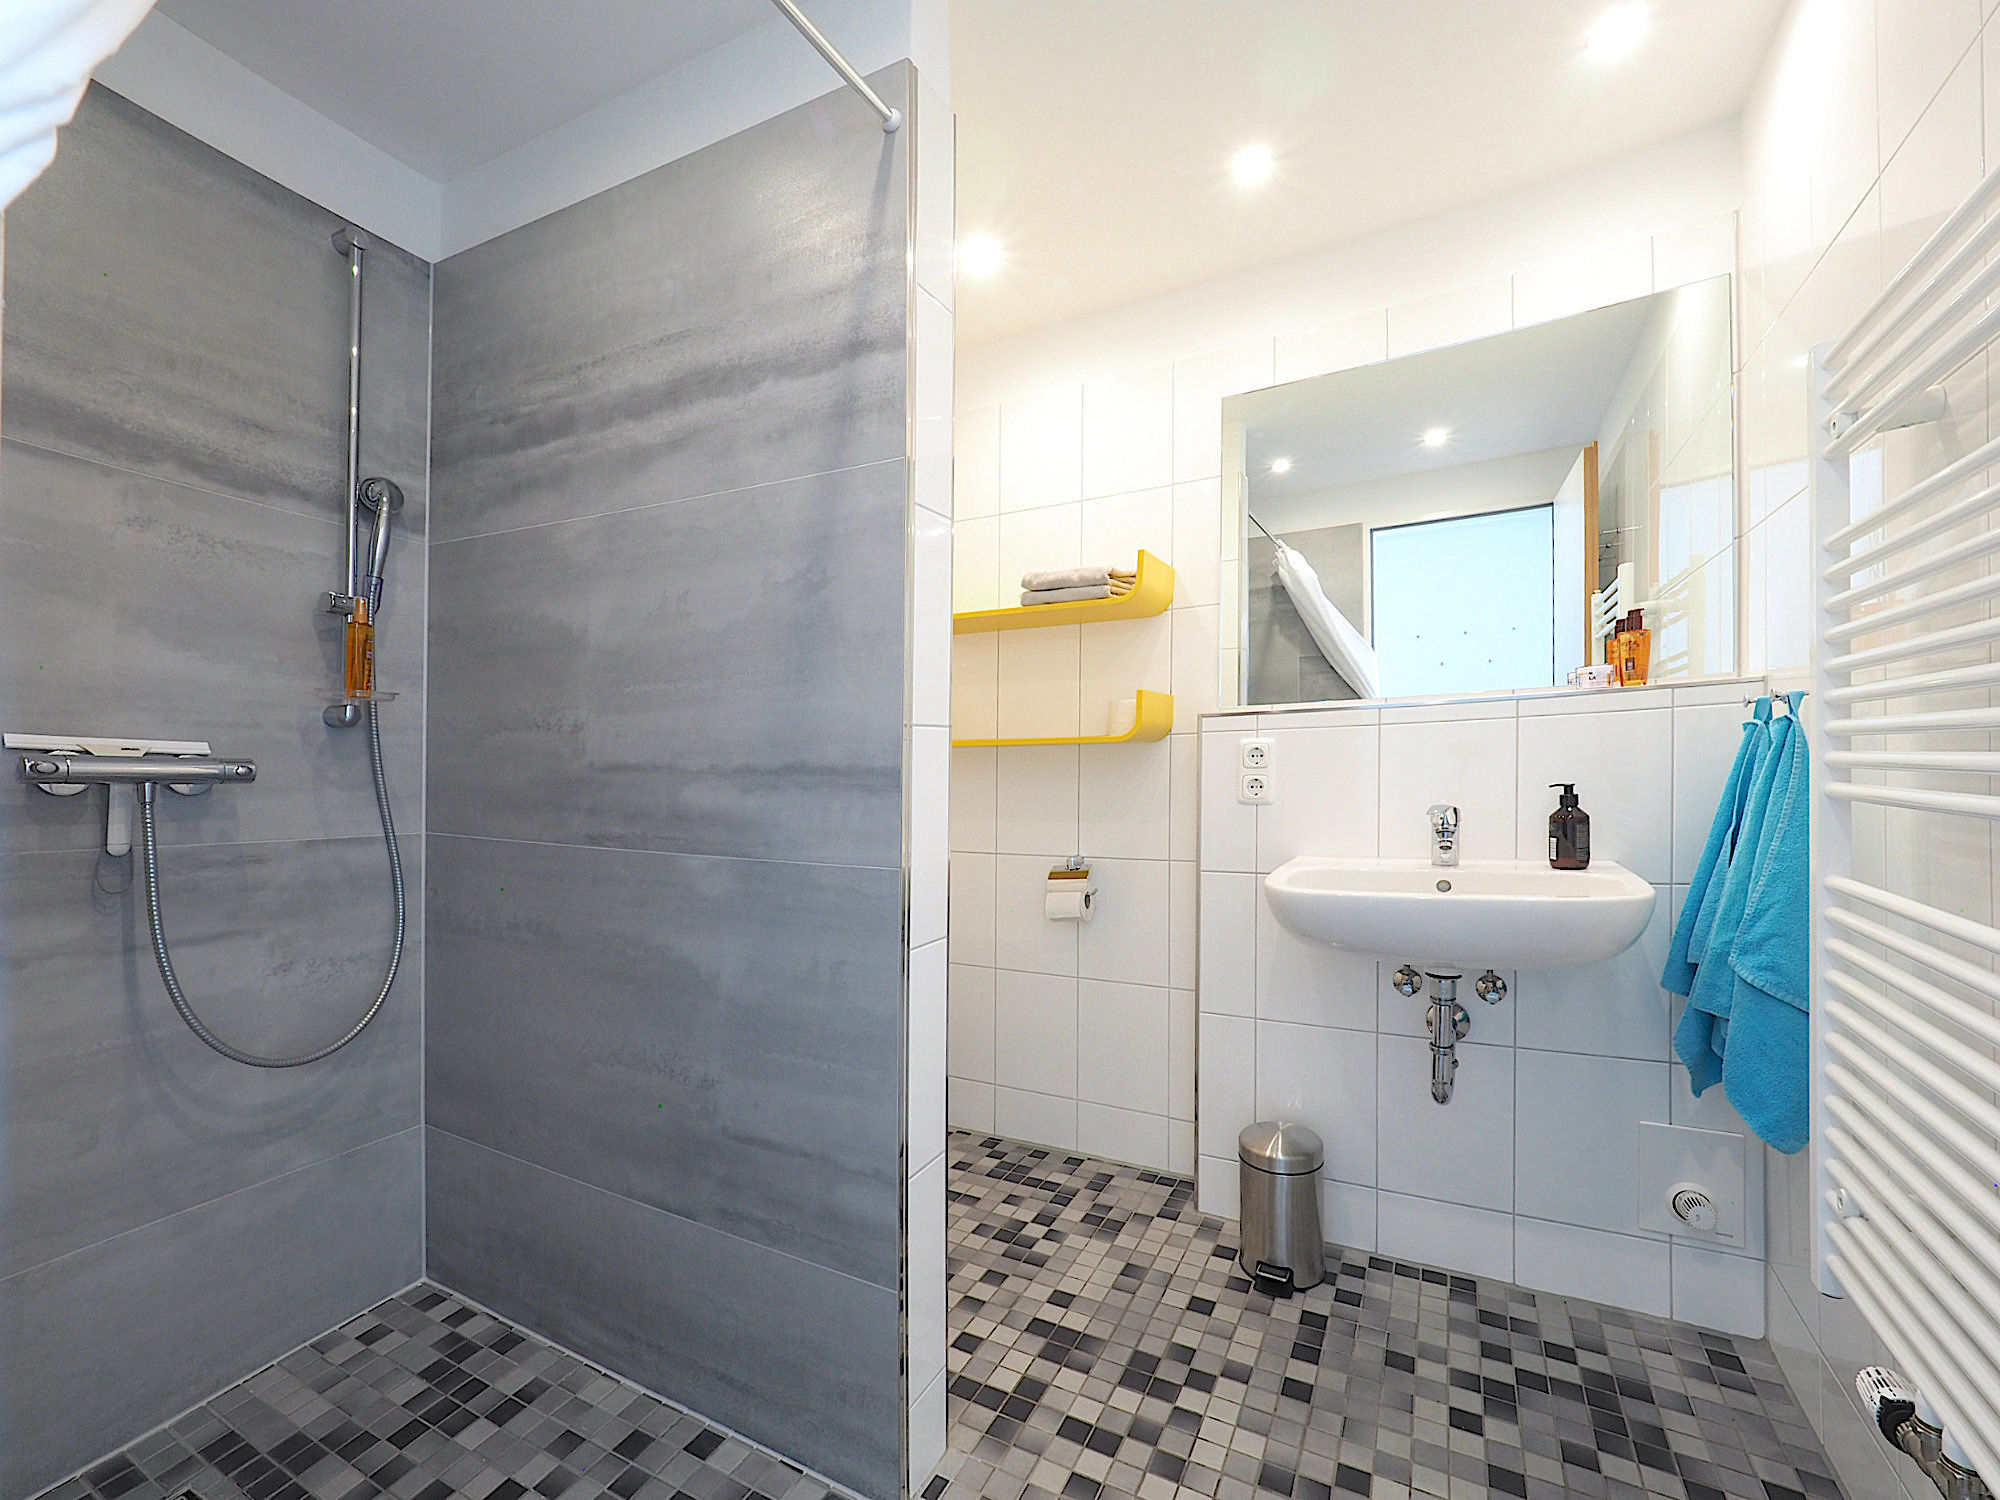 Duschbad mit bodentiefer Dusche mit zwei Regalen, Waschbecken und Handtuchheizung